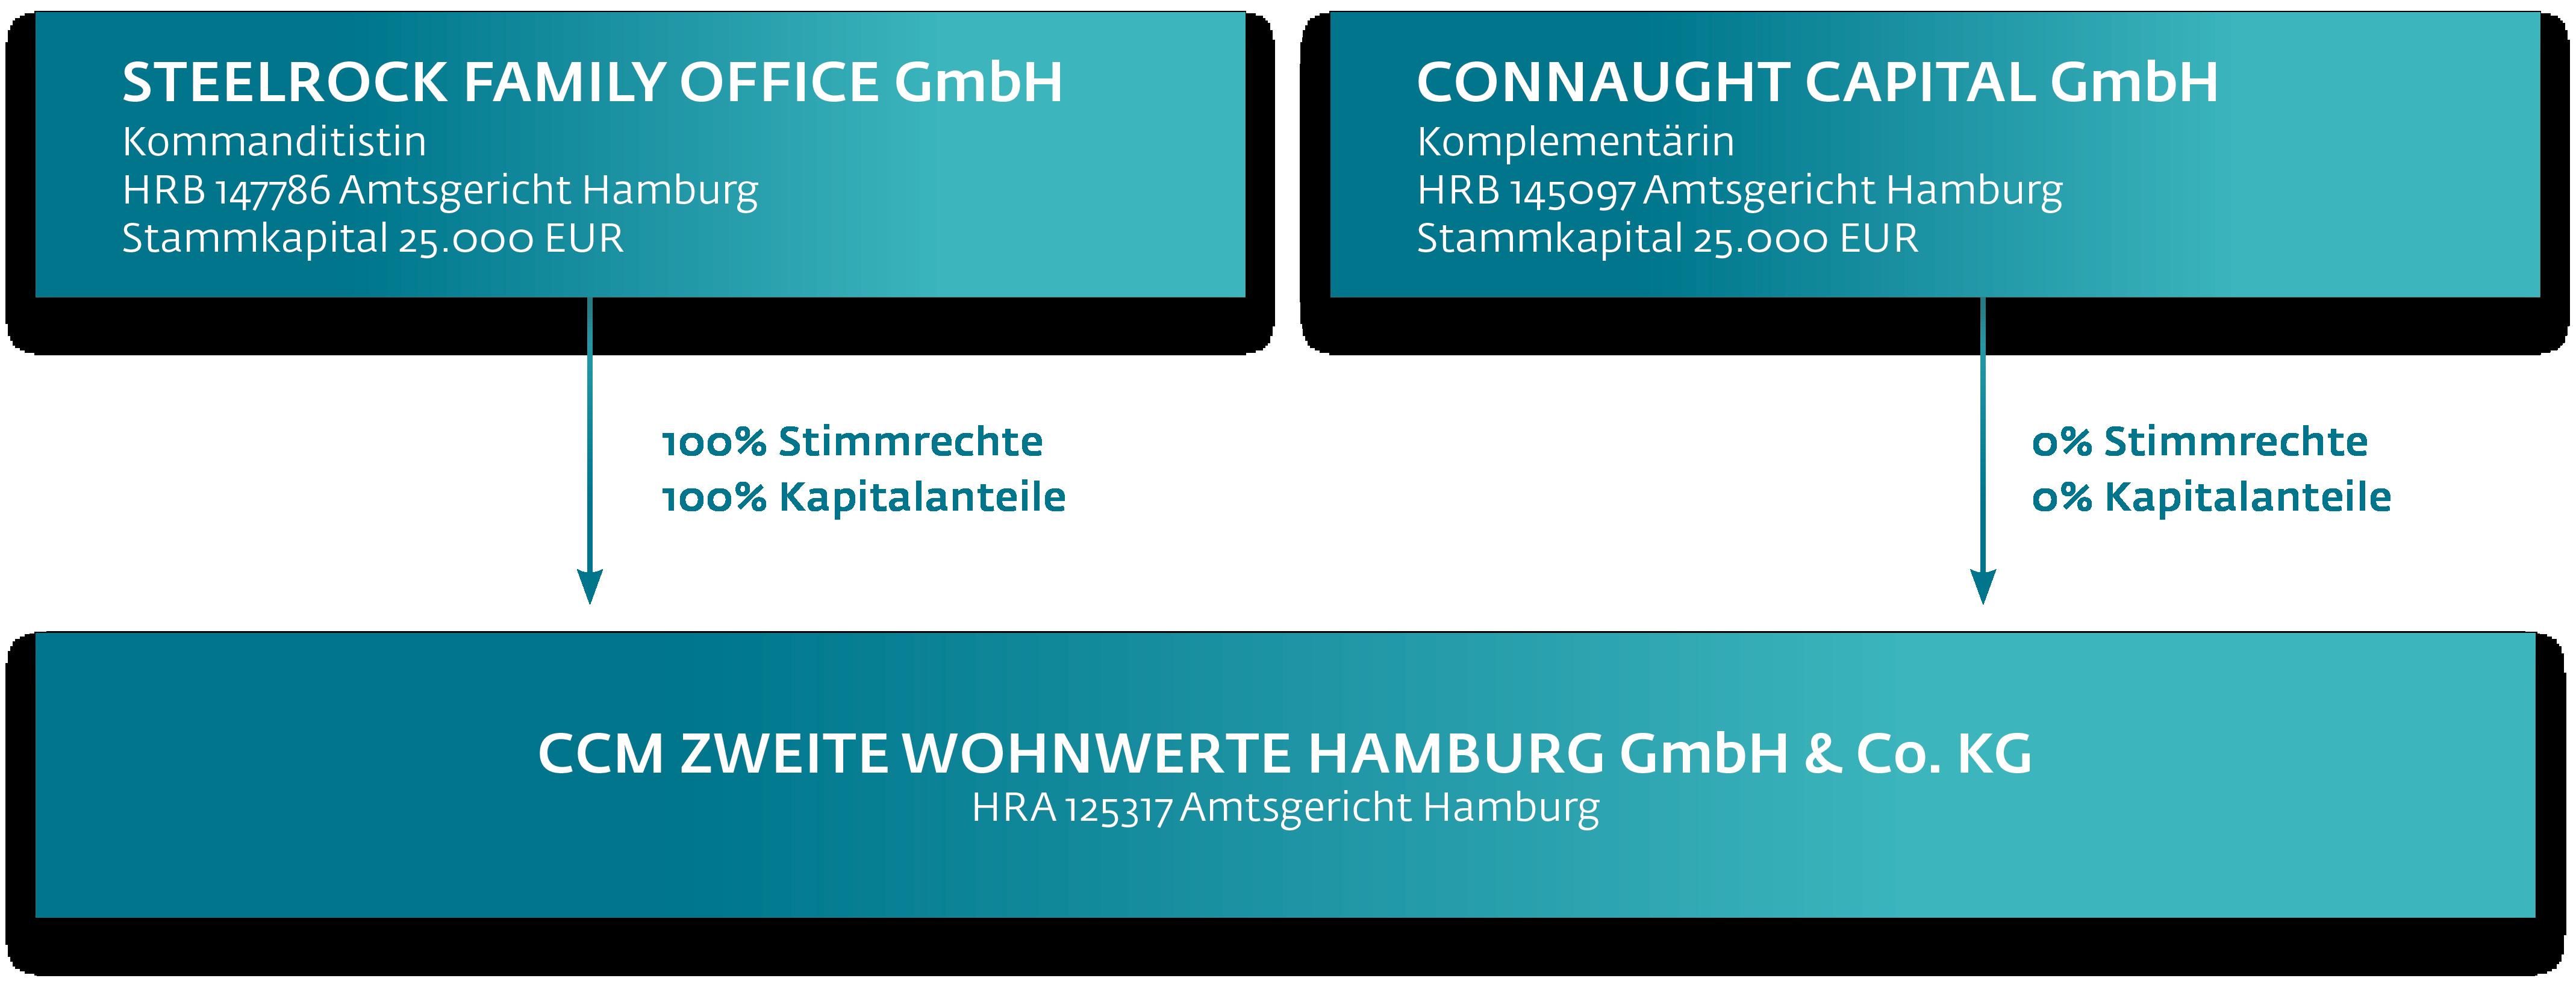 Wiwin Energetisches Wohnen Hamburg-Rahlstedt - Organisationsstruktur